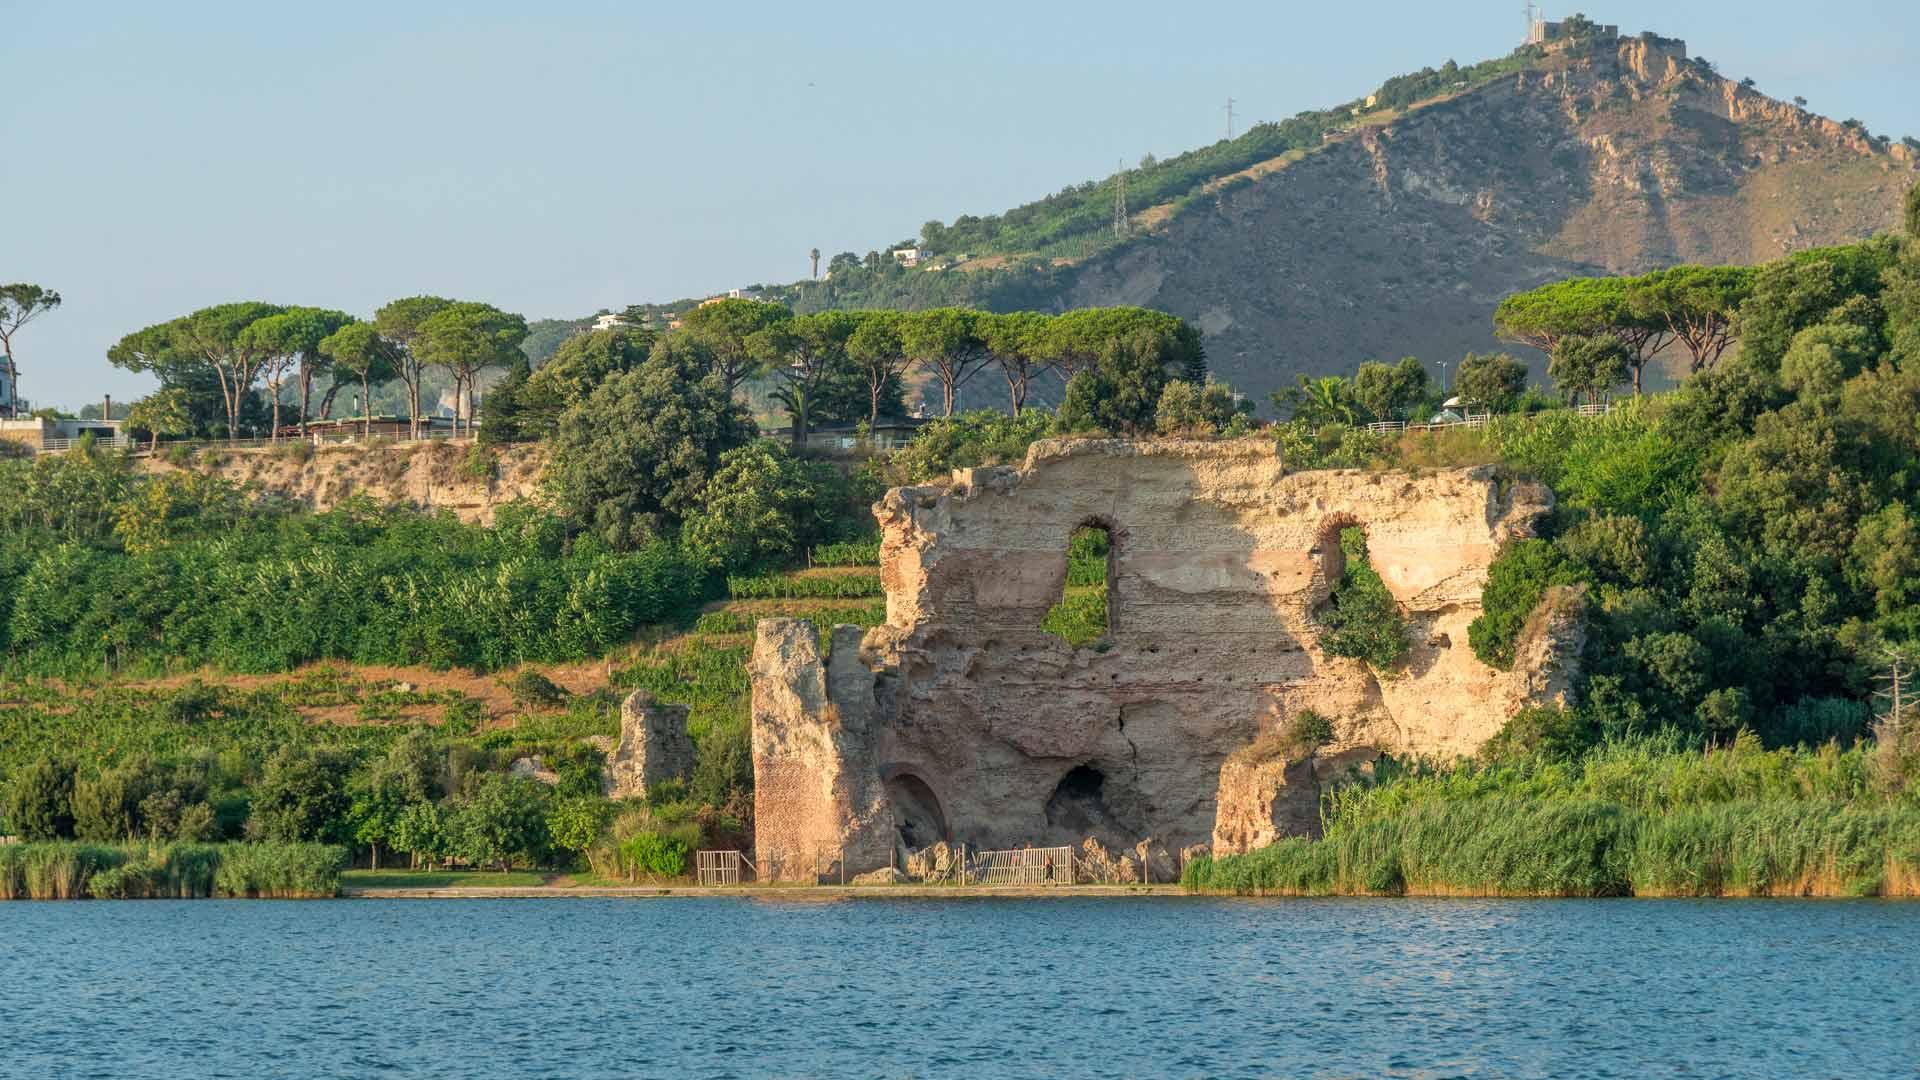 Tempio d'Apollo sul Lago d'Averno